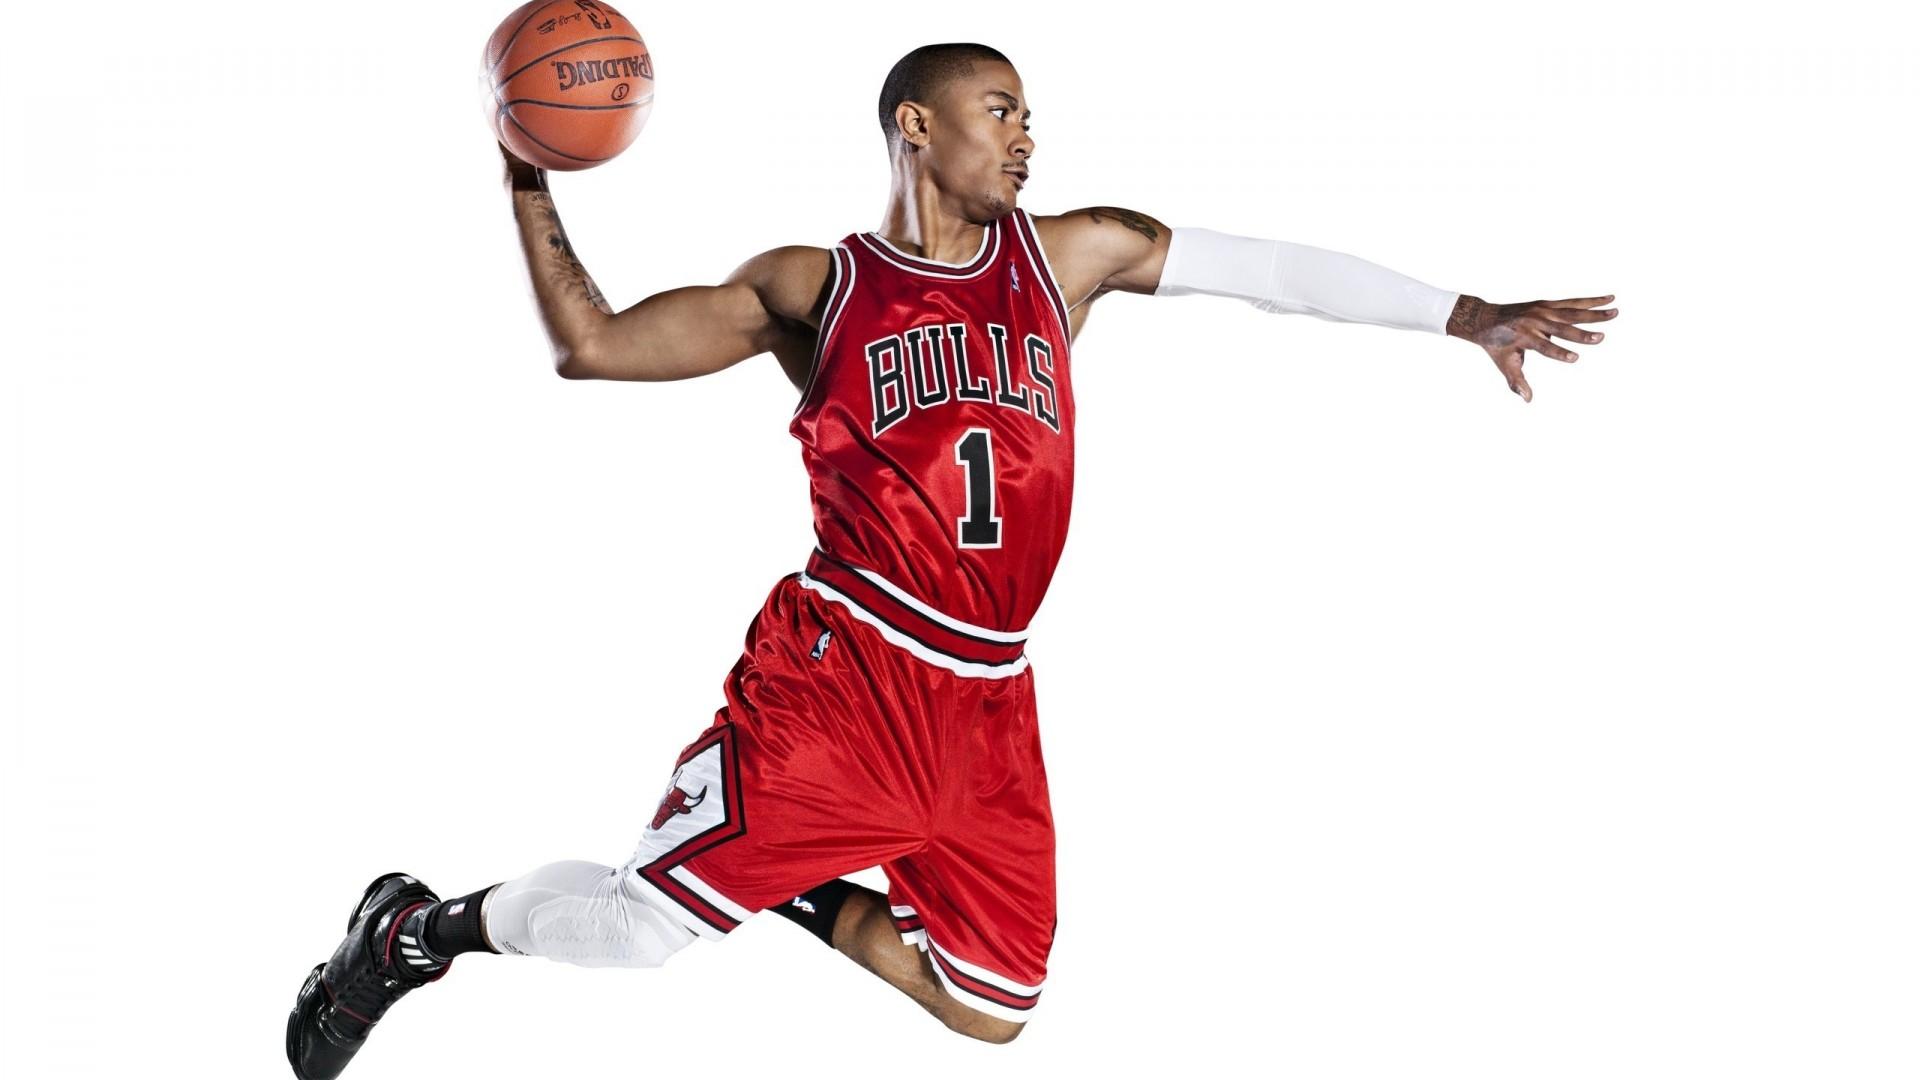 Derrick rose  nba  chicago bulls  basketball  slam dunk  adidas HD Wallpaper